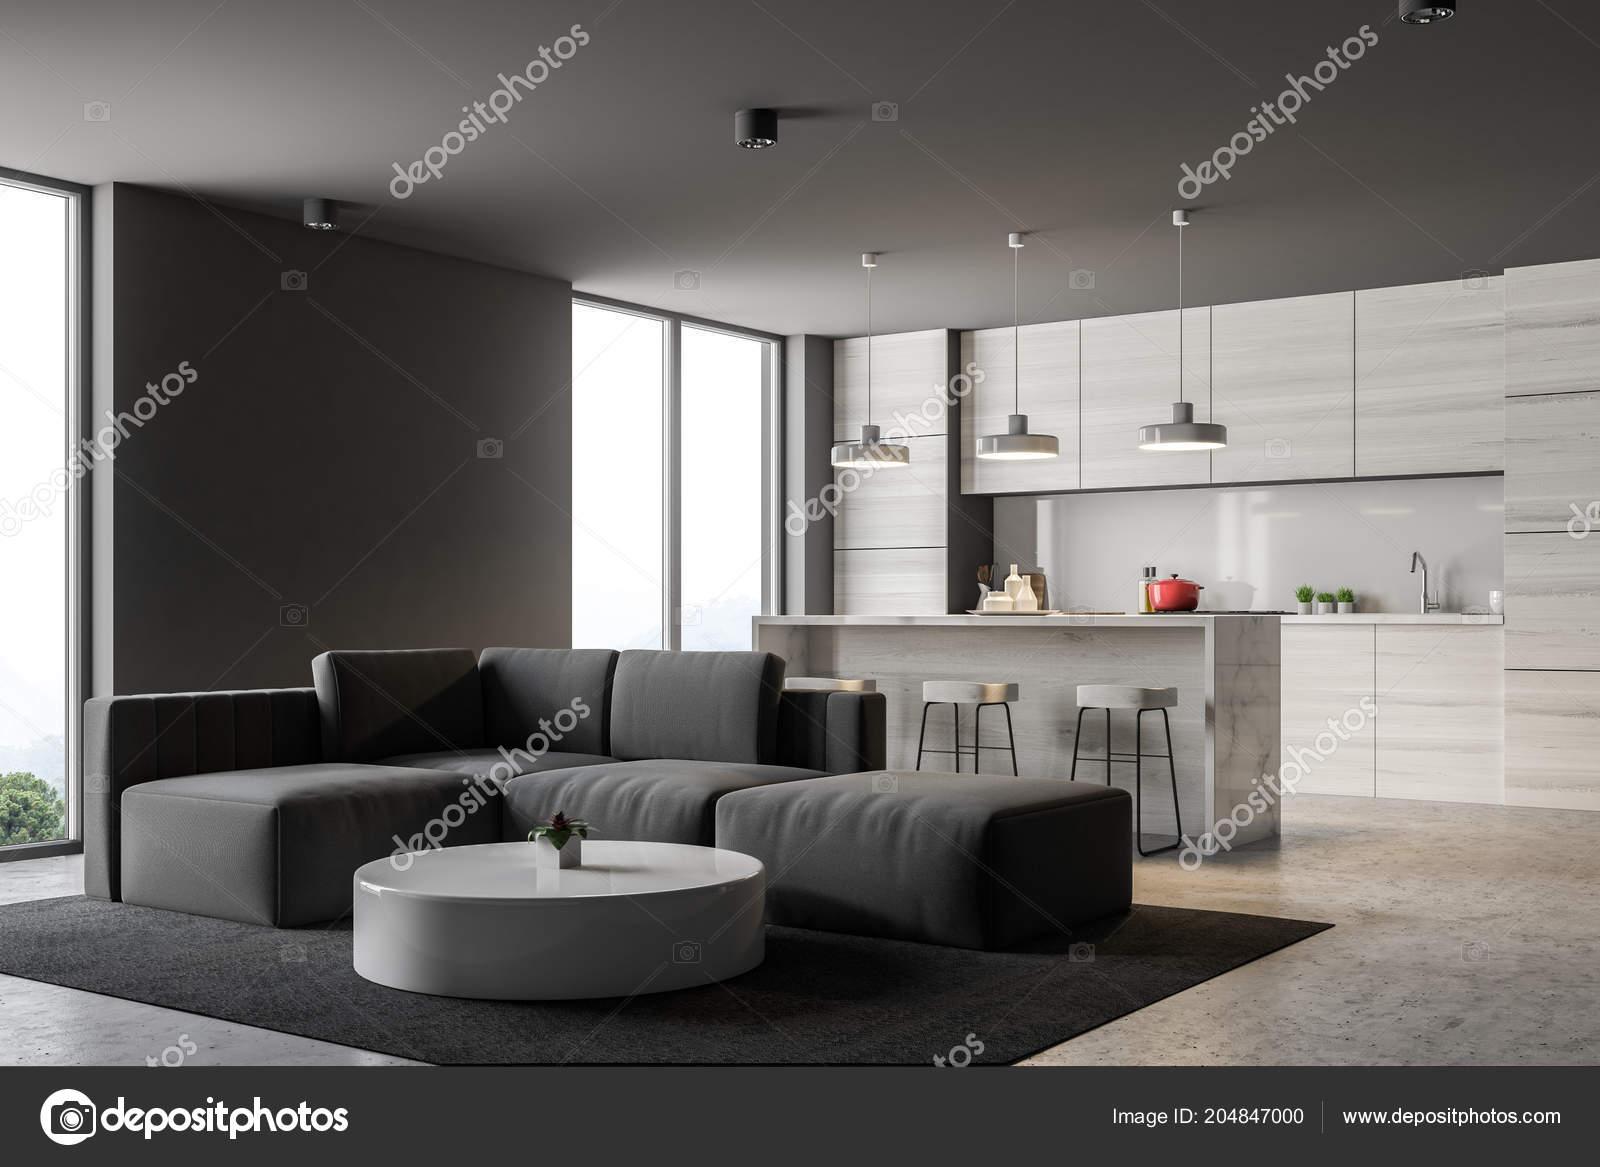 Grigio angolo cottura con bar loft windows soggiorno con divano